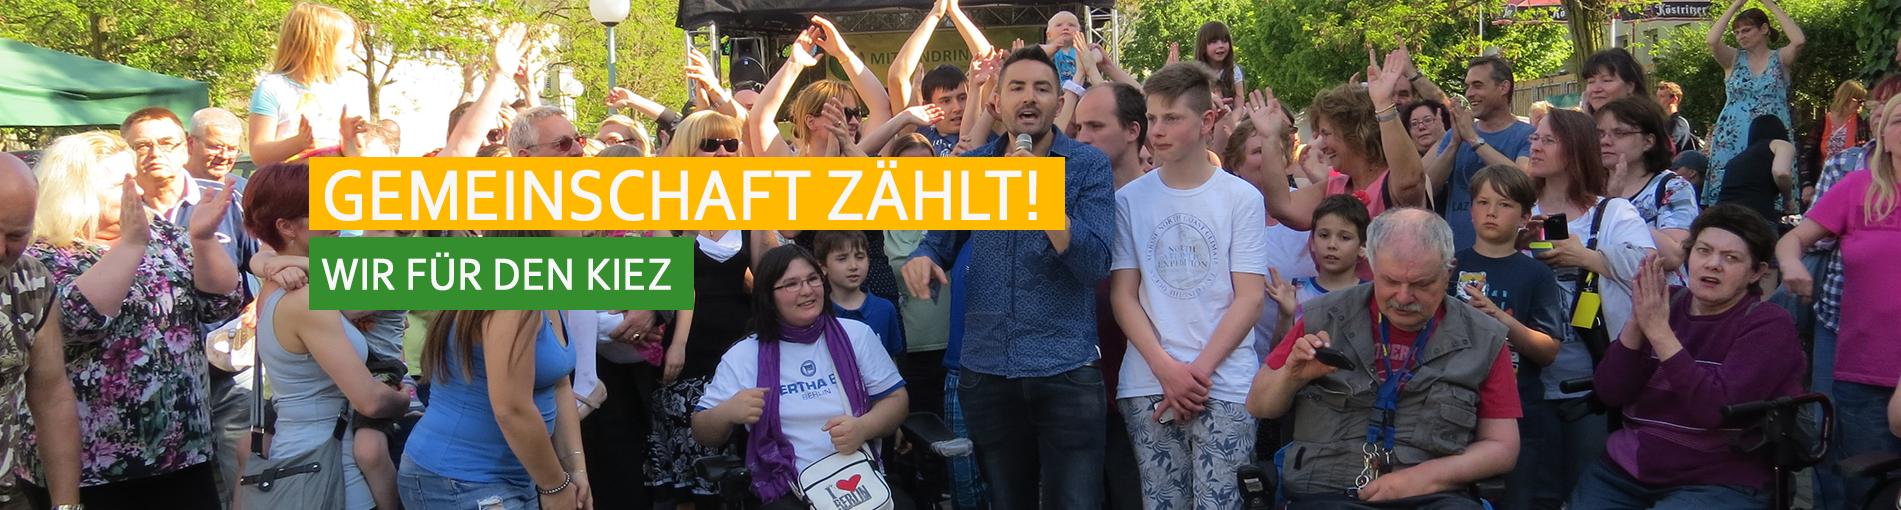 Gemeinwesen: Menderes singt vor einer Gruppe Menschen in Hellersdorf